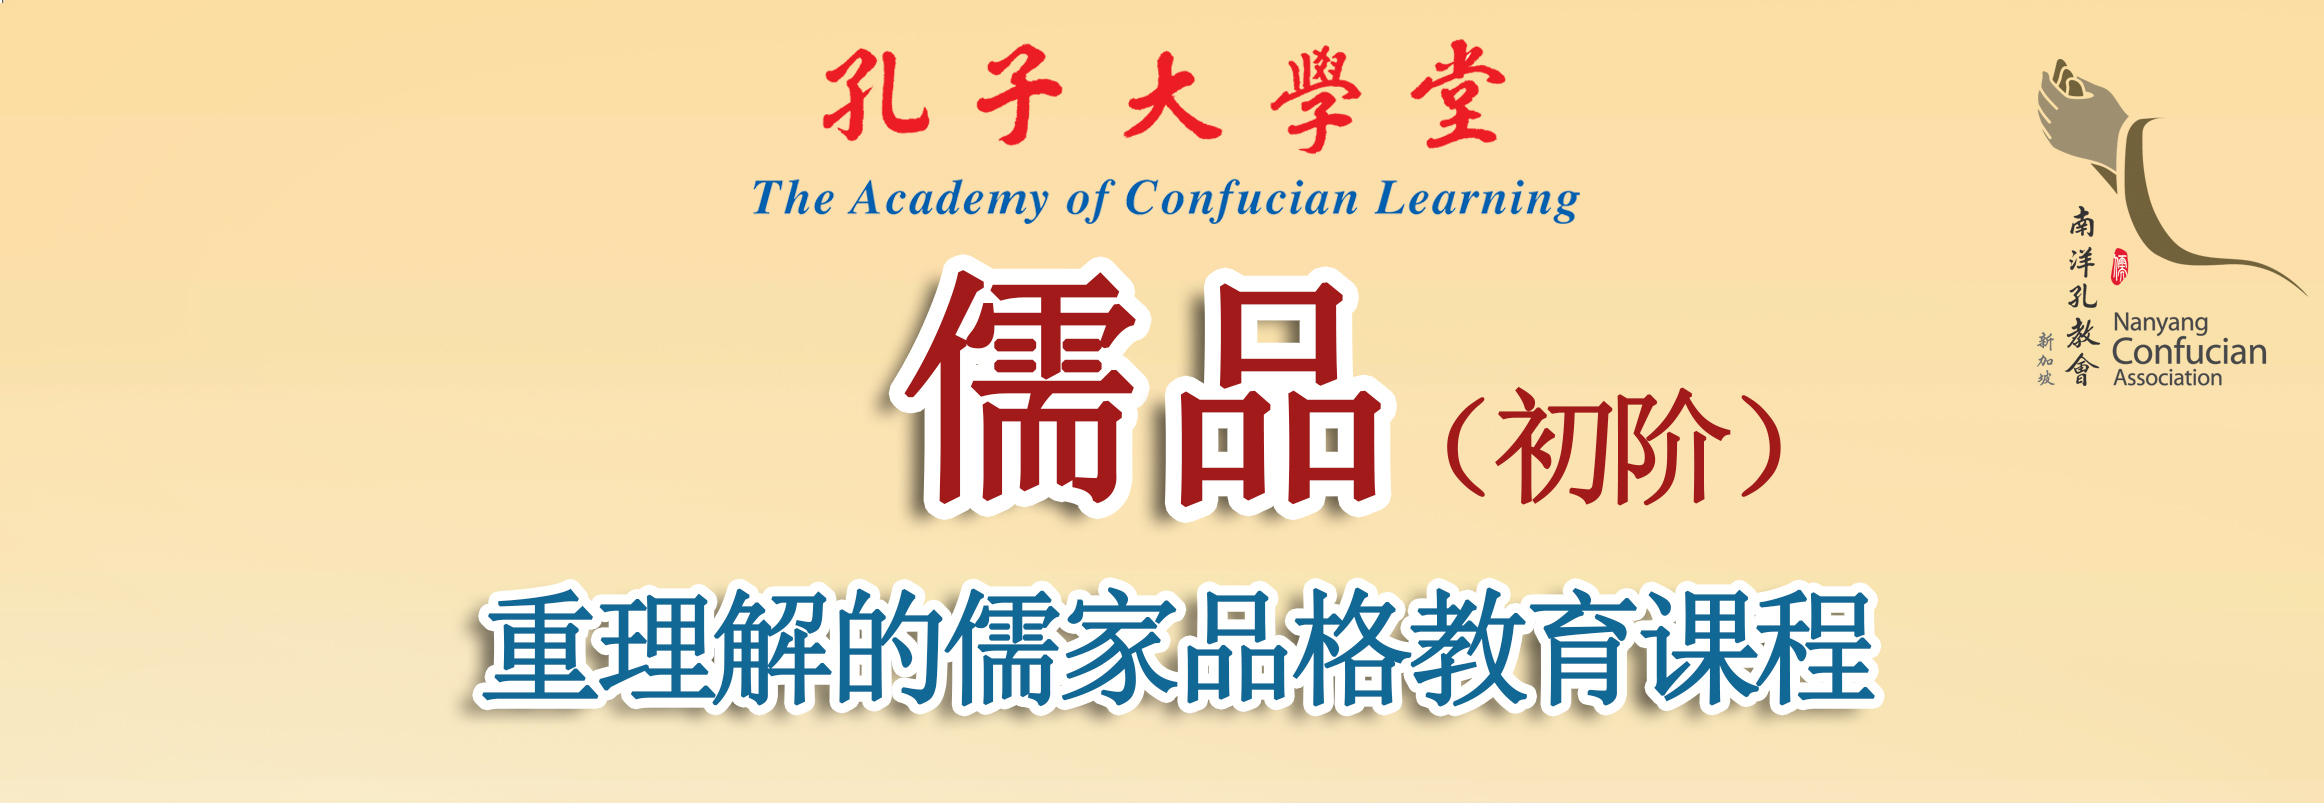 【学生组年后开课】儒品(初阶)—— 重理解的儒家品格教育课程